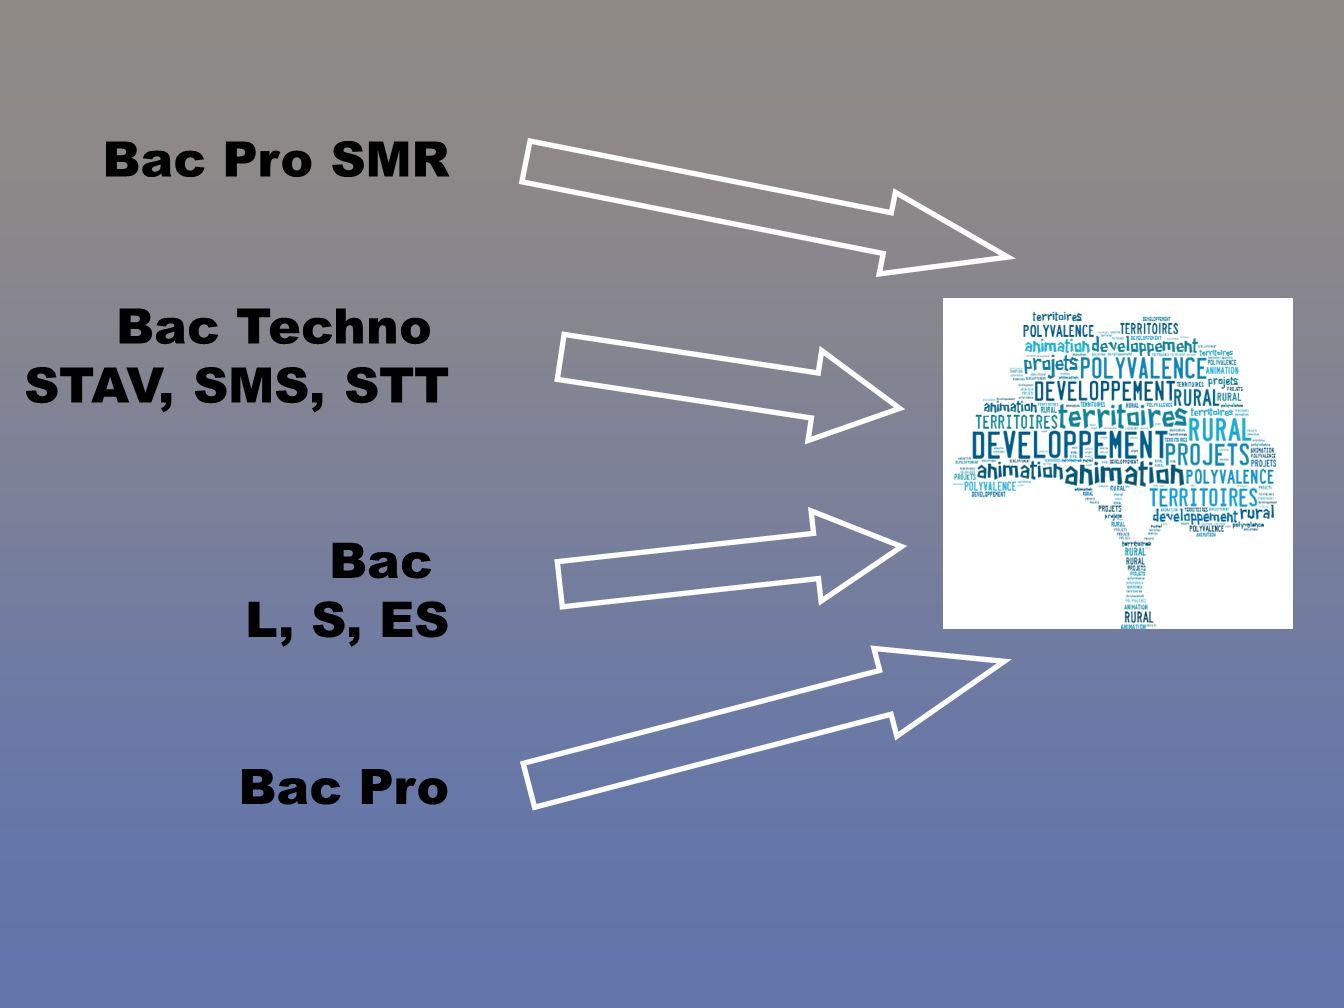 Bac Pro SMR Bac Techno STAV, SMS, STT Bac L, S, ES Bac Pro